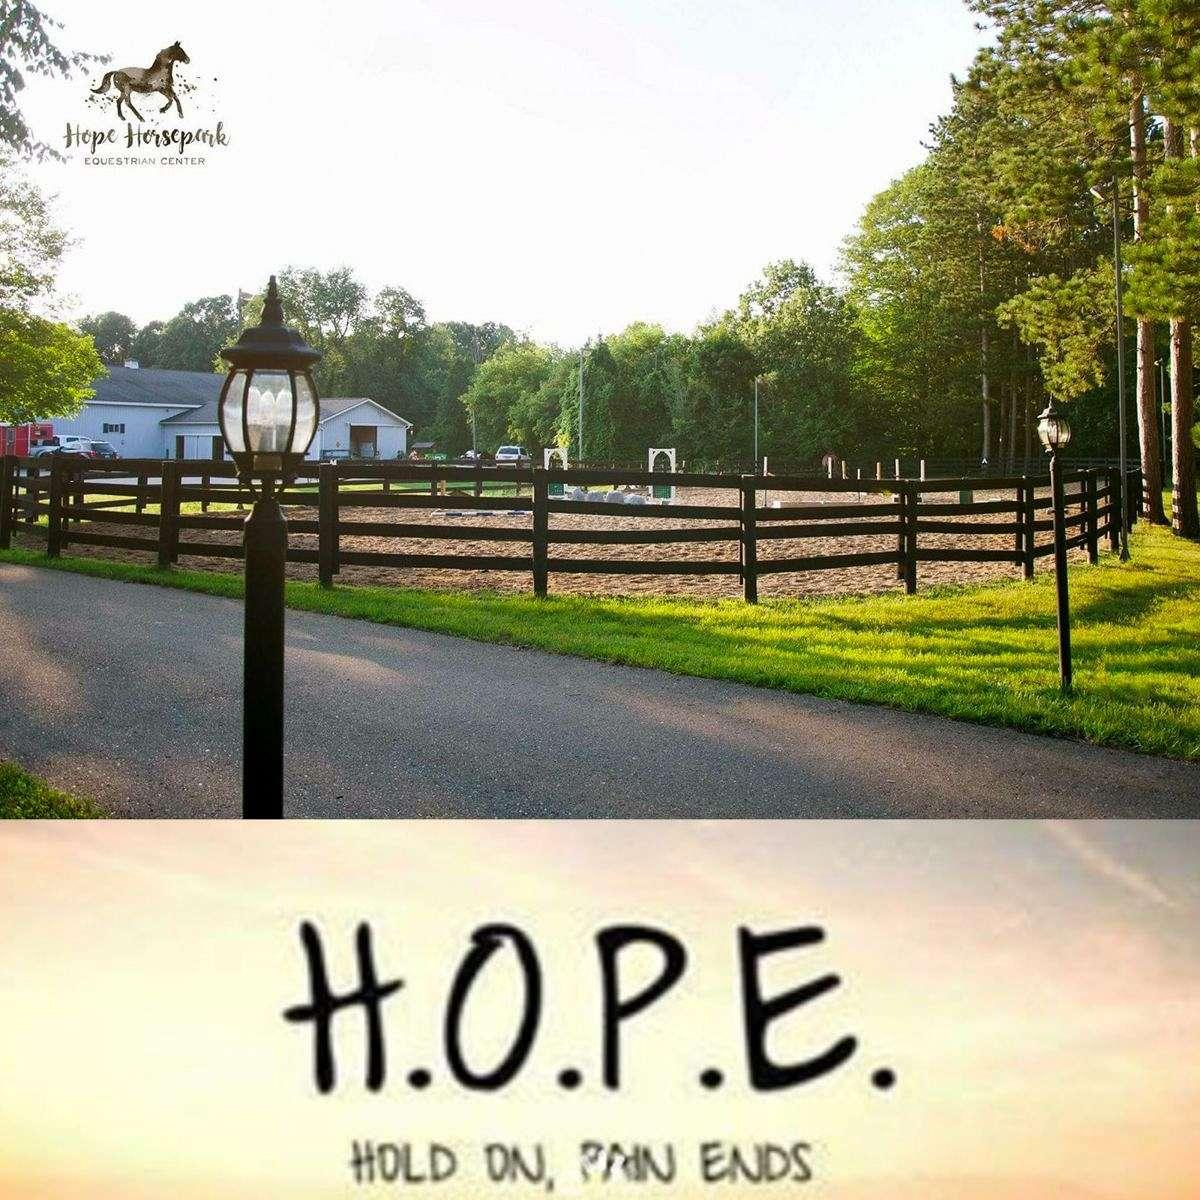 H.O.P.E. HorsePark